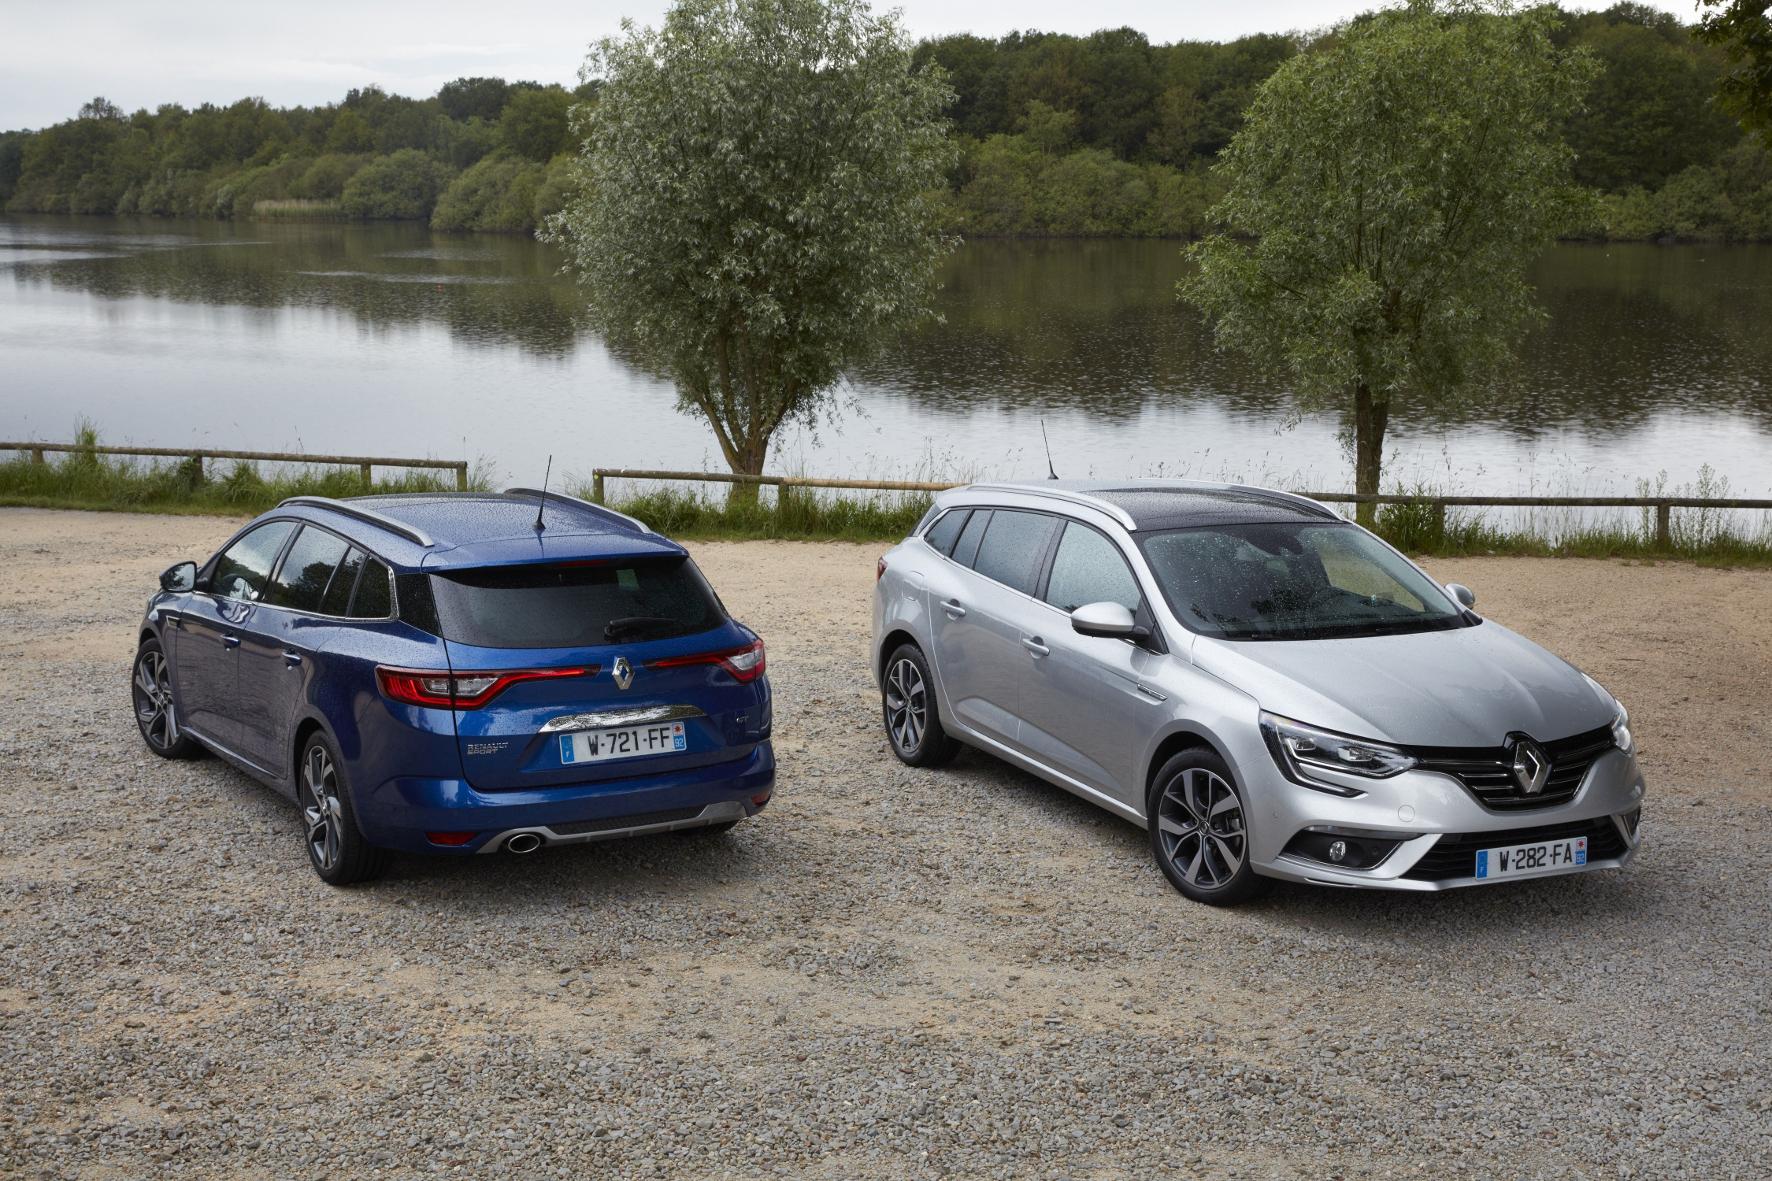 mid Groß-Gerau - Den Renault Mégane Grandtour gibt es in vielen verschiedenen Ausstattungs-Varianten